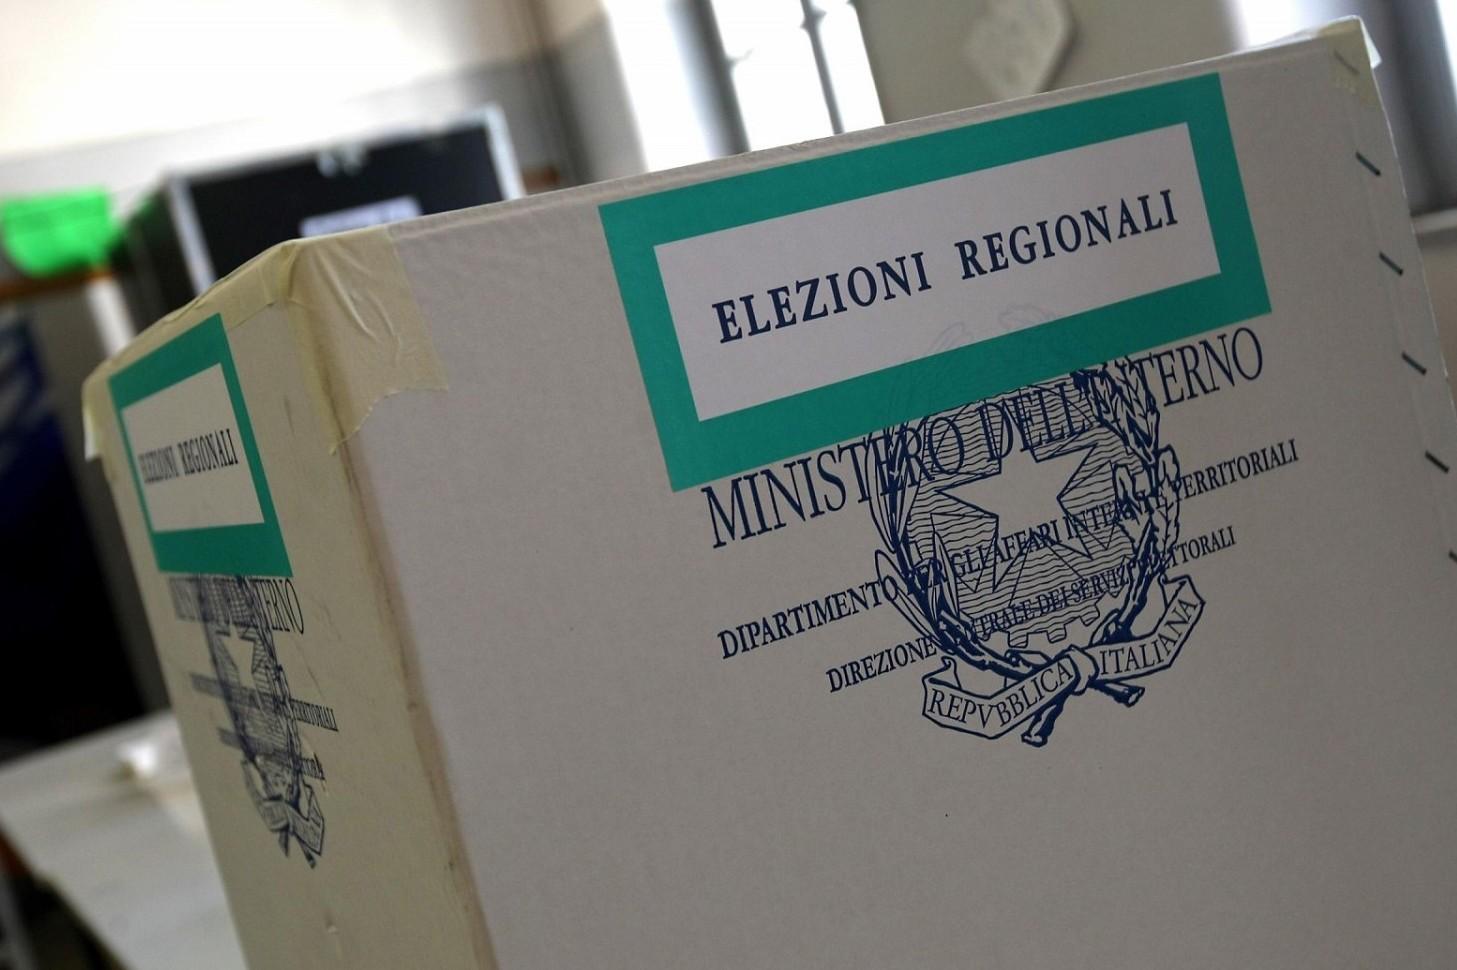 Elezioni regionali Sicilia: programmi Ca